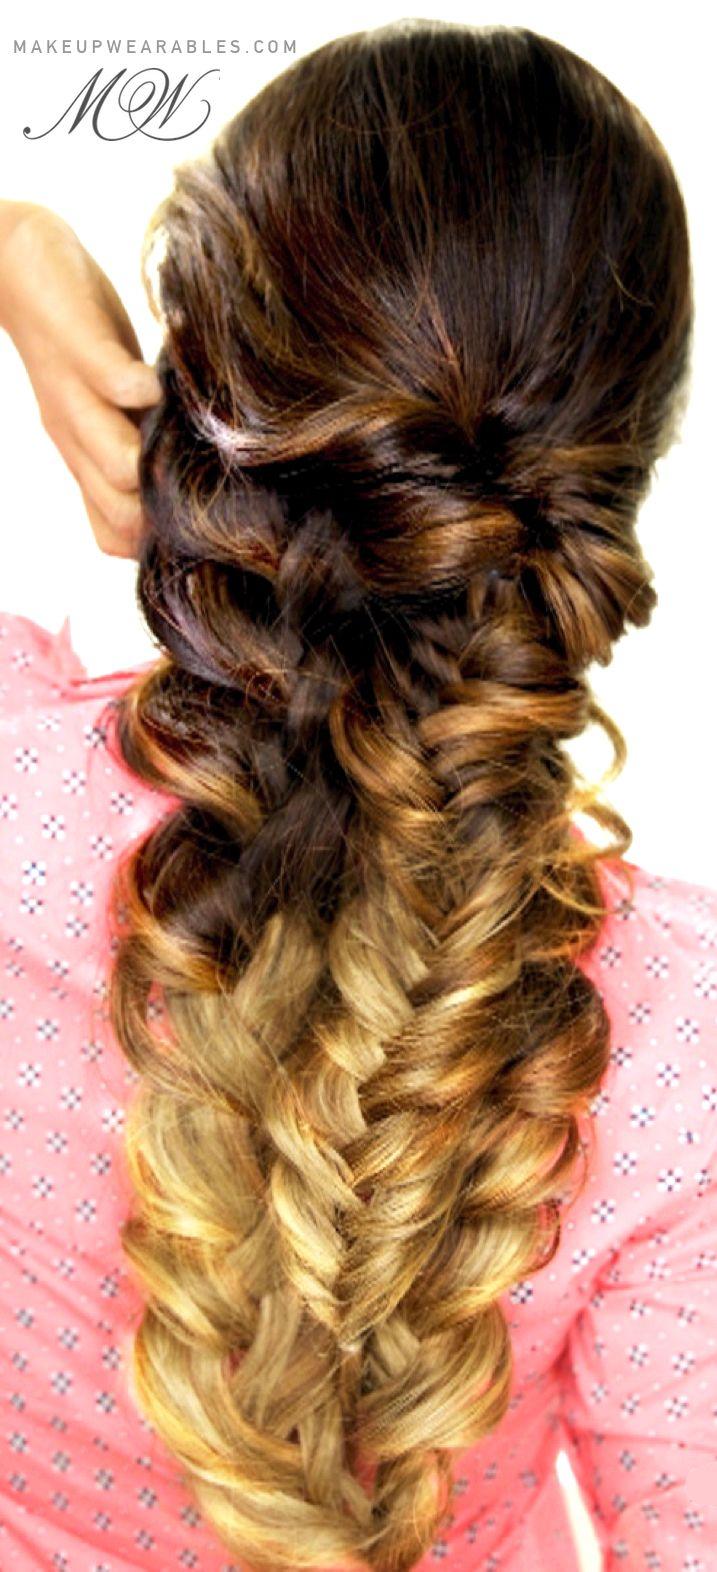 Easy Mermaid Braid Tutorial Cute Everyday Braided Hairstyles